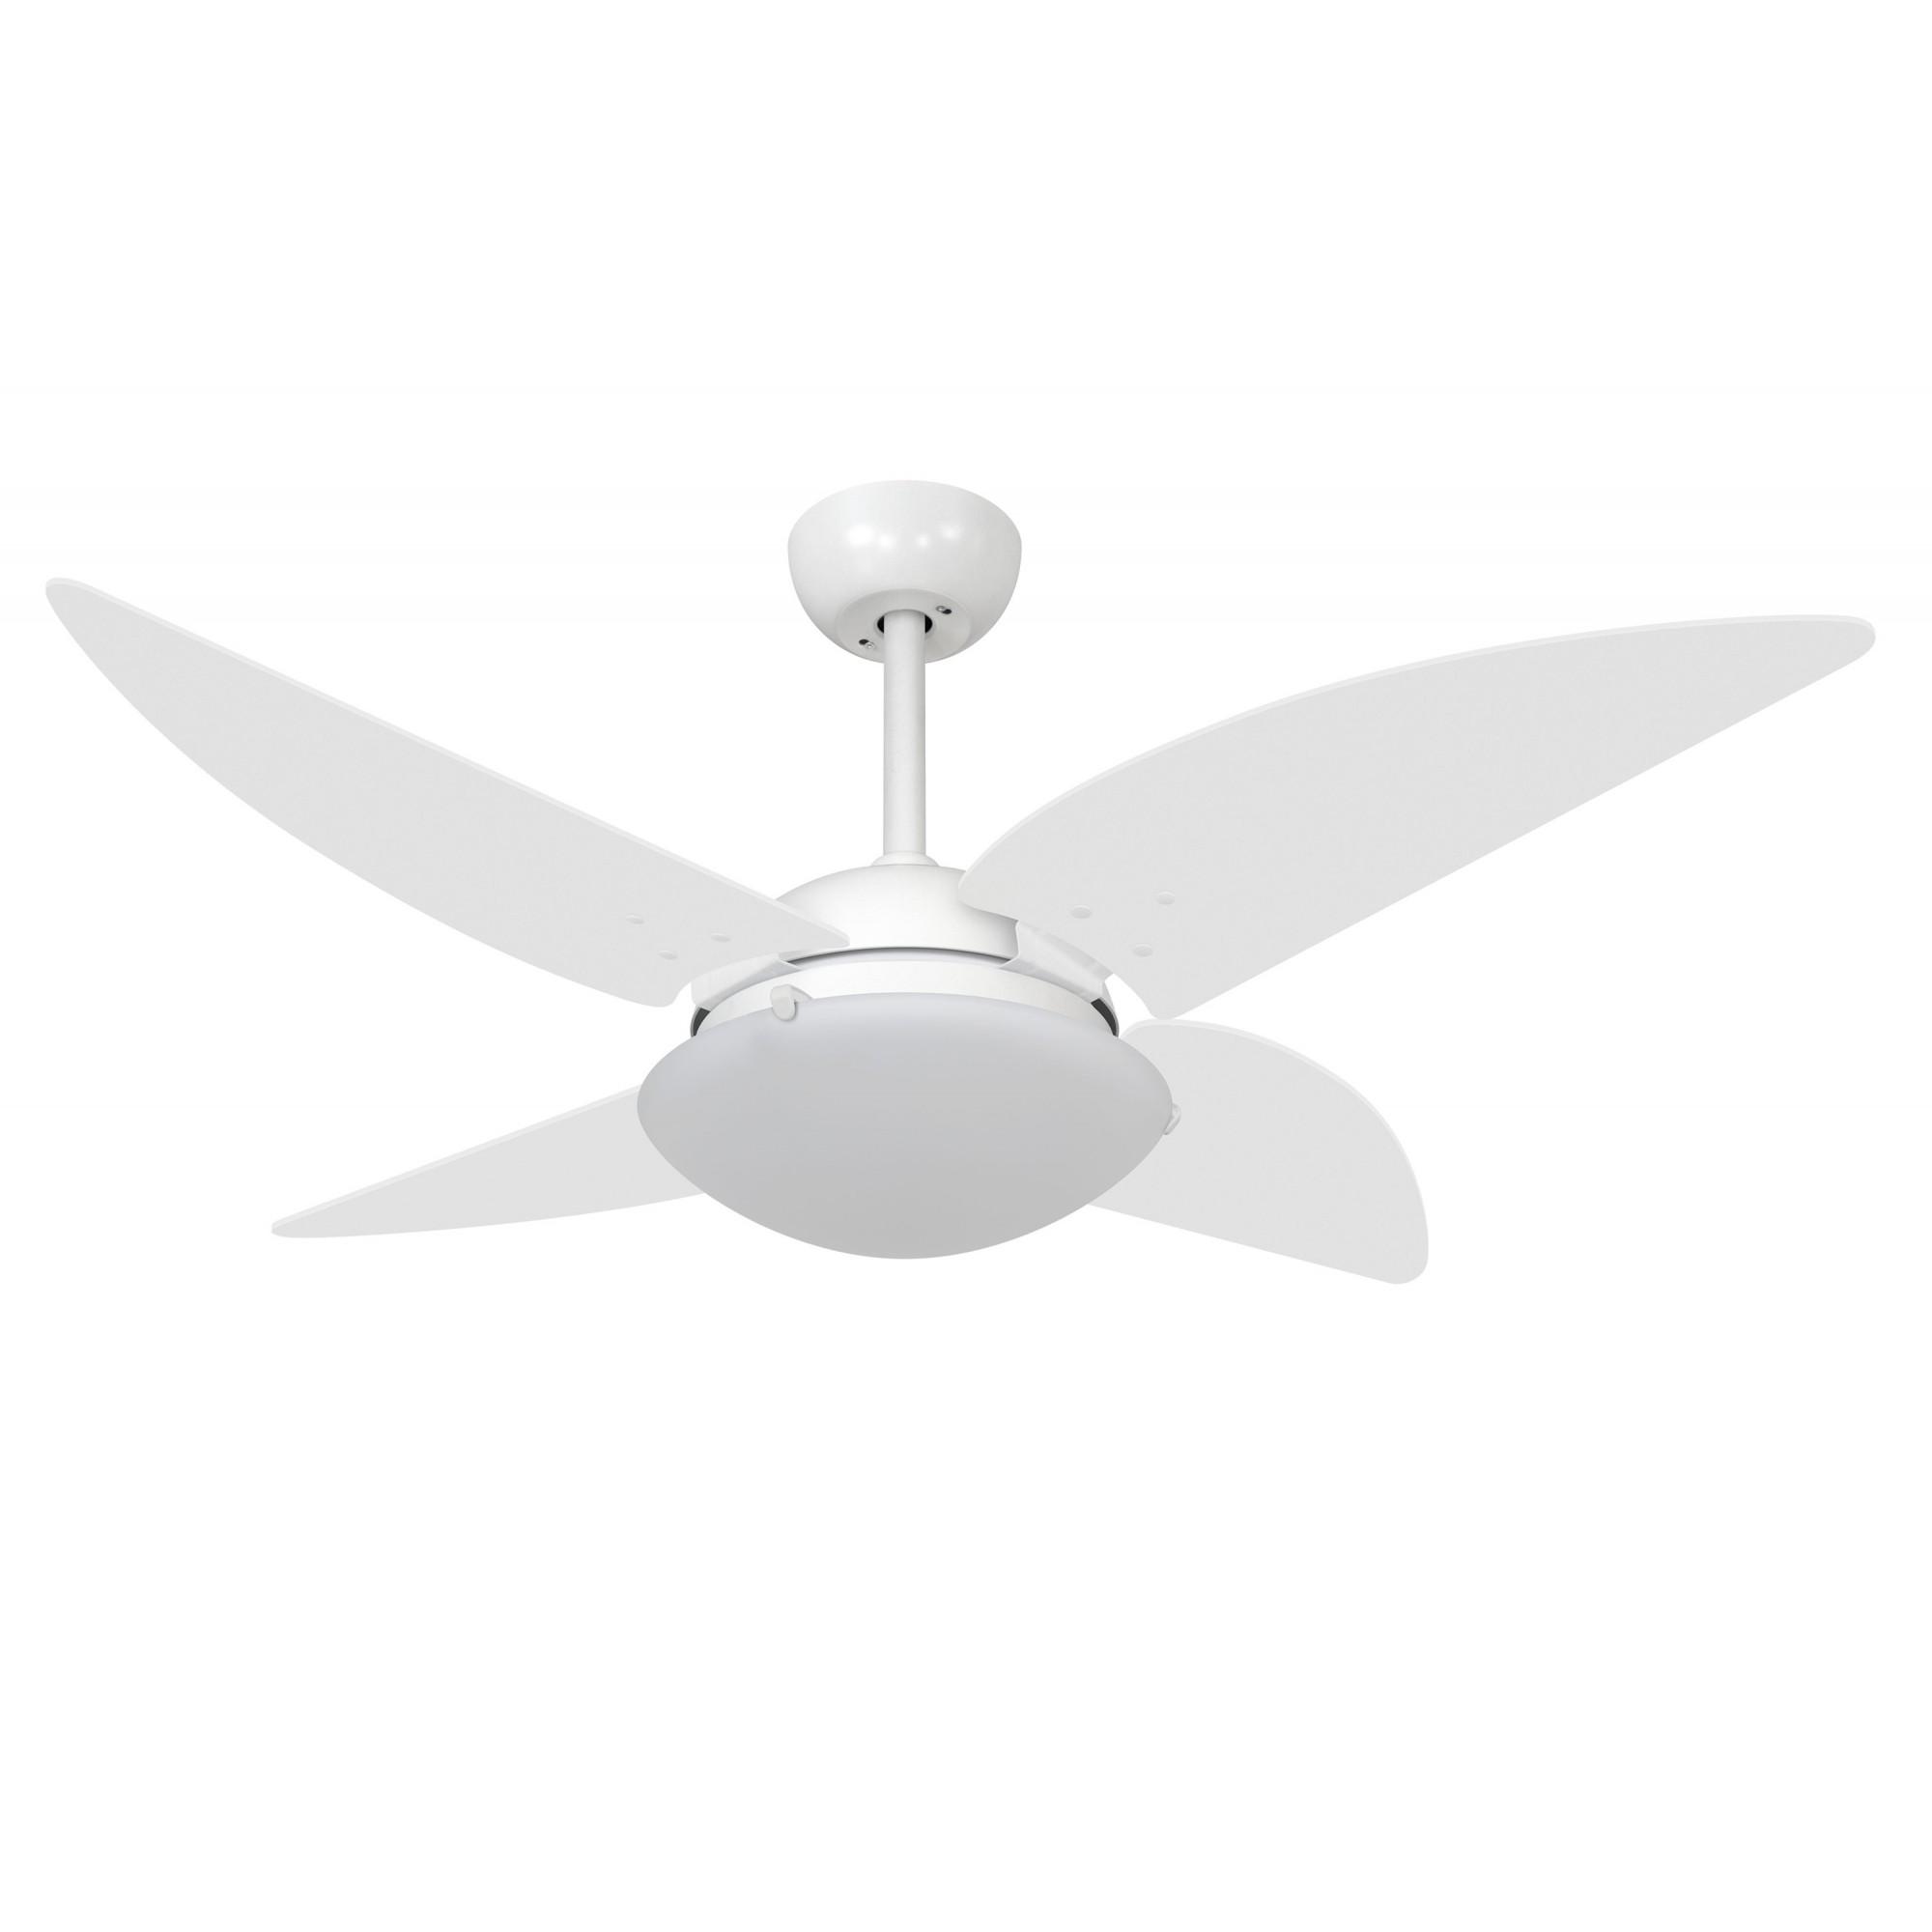 Ventilador de Teto VD300 Quad Branco 220V+Controle Remoto